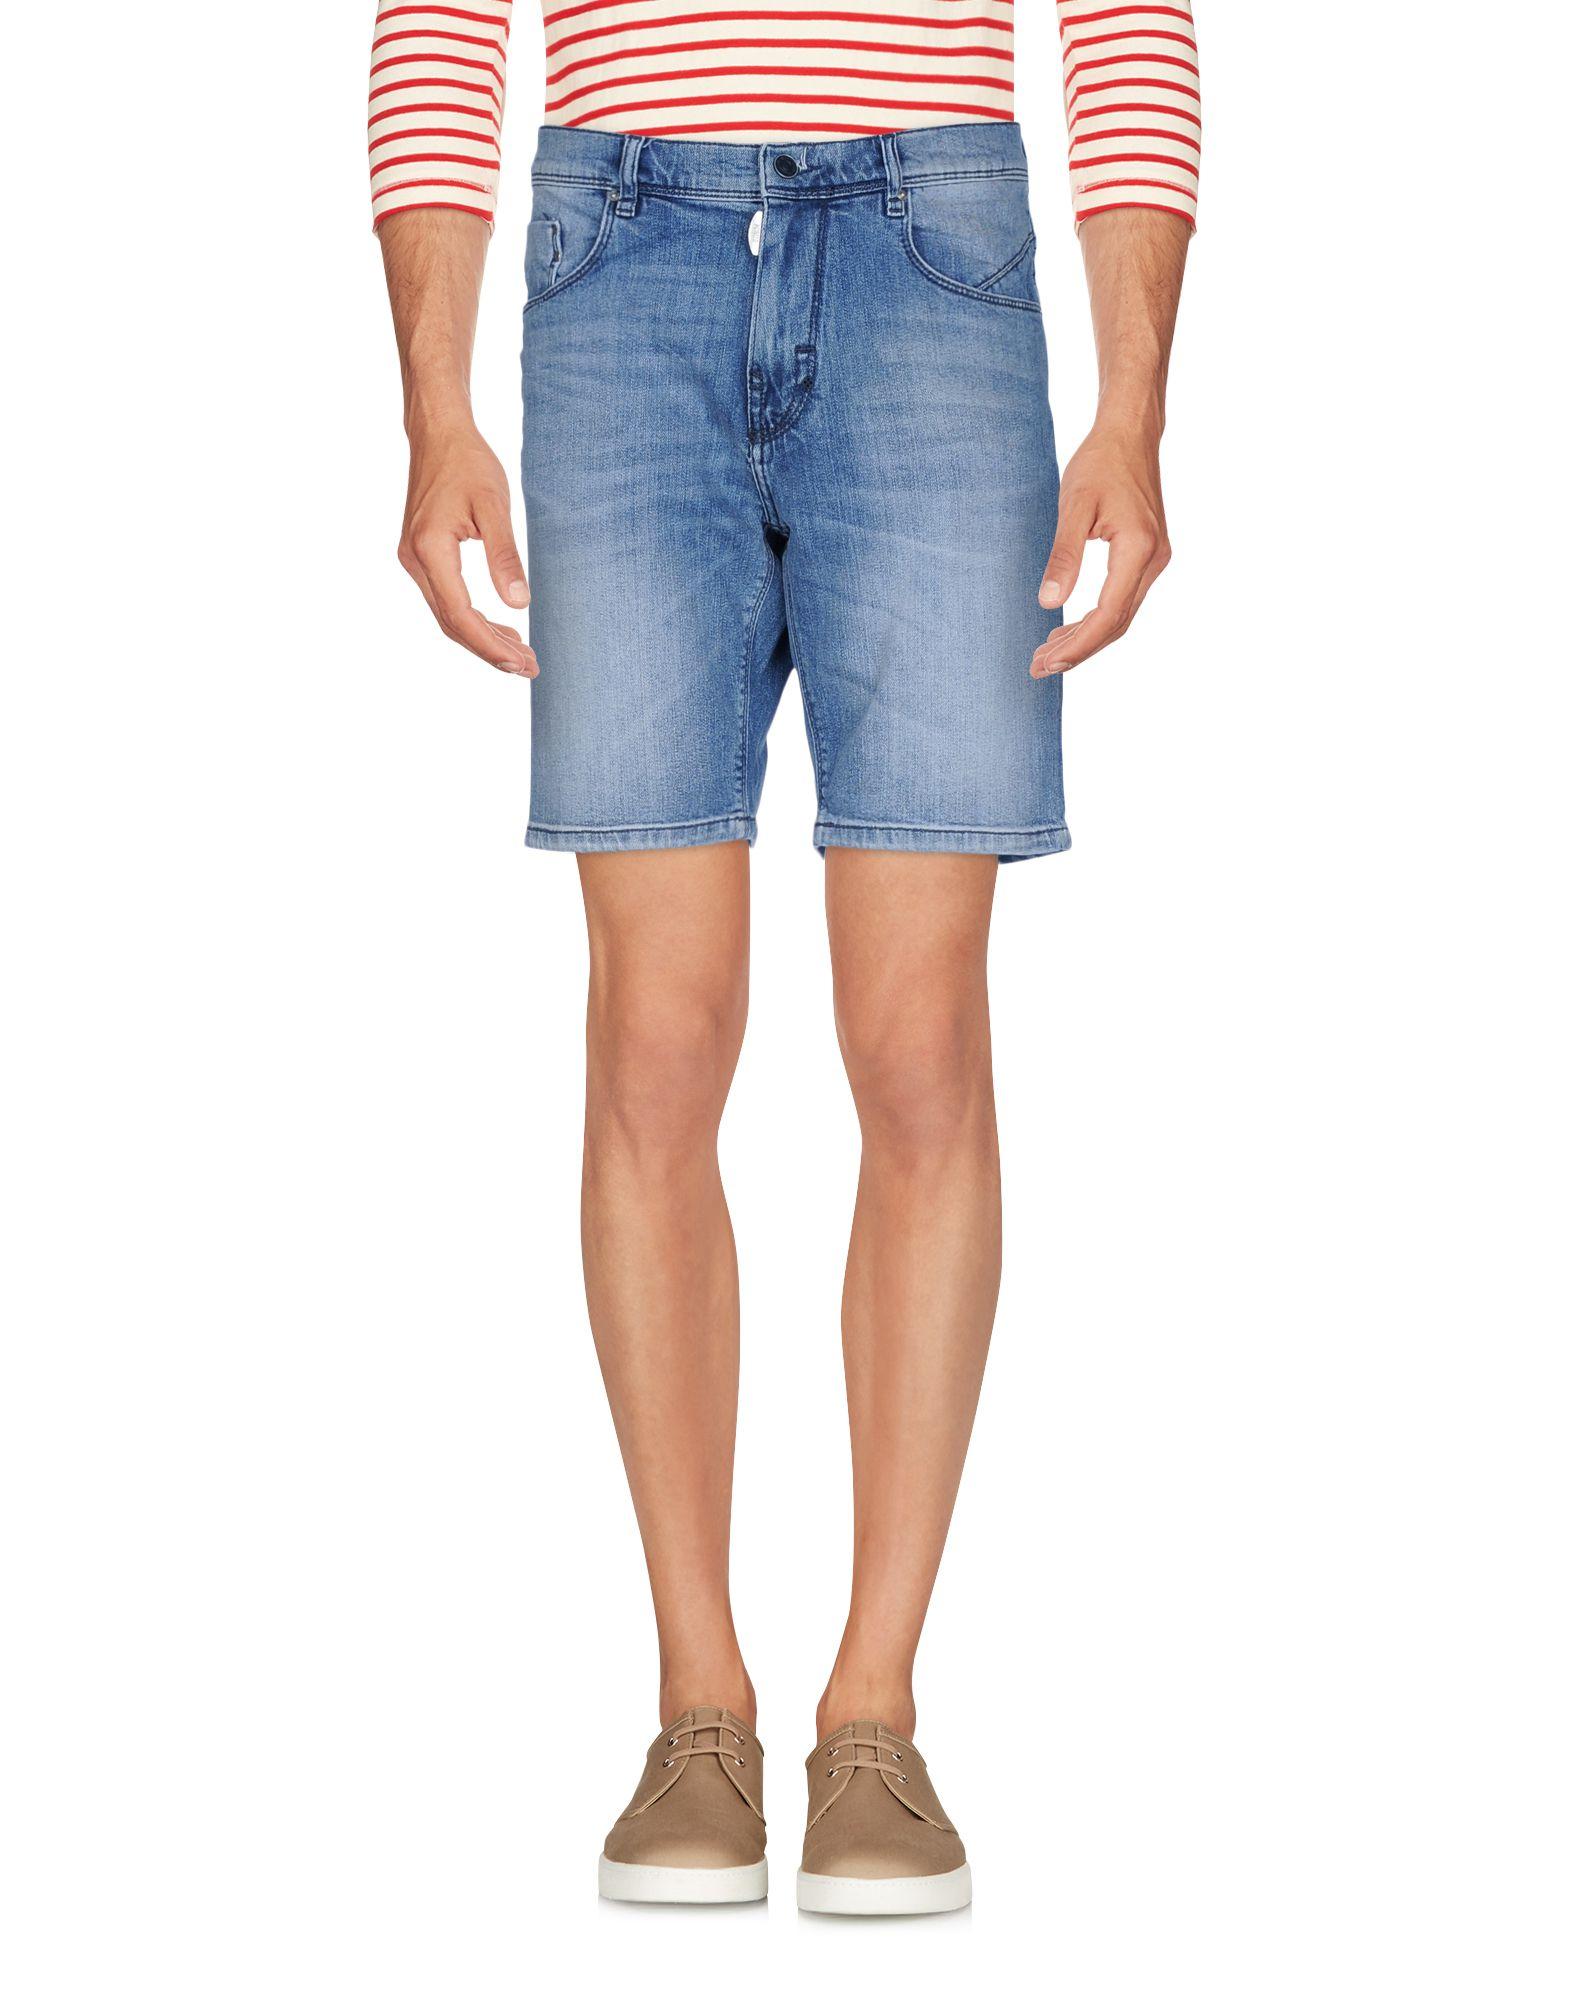 《期間限定セール中》ANTONY MORATO メンズ デニムバミューダパンツ ブルー 30 コットン 99% / ポリウレタン 1%